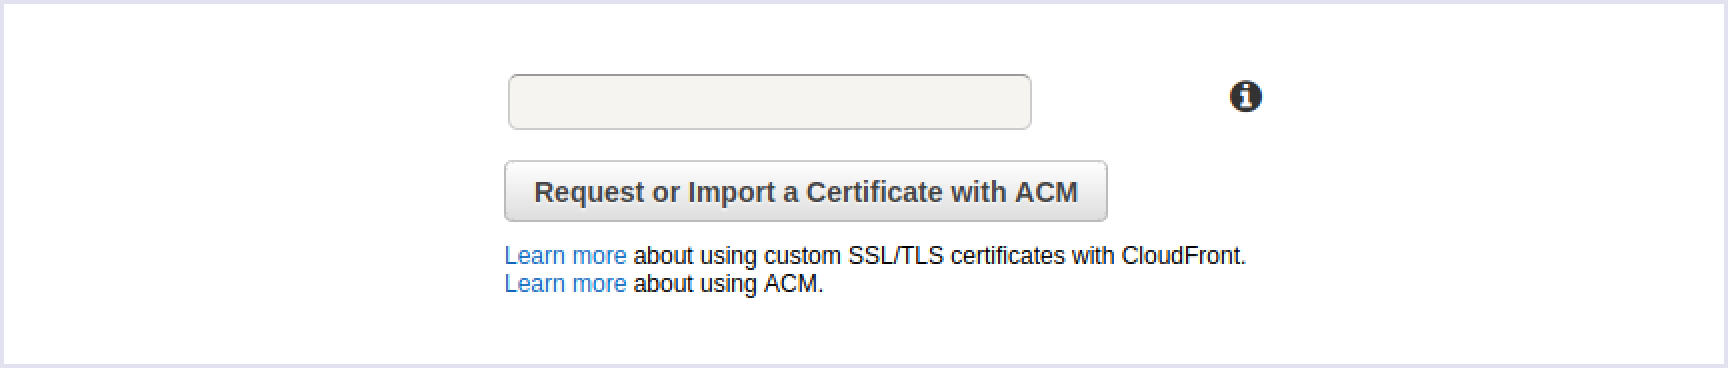 Getting a custom SSL certificate